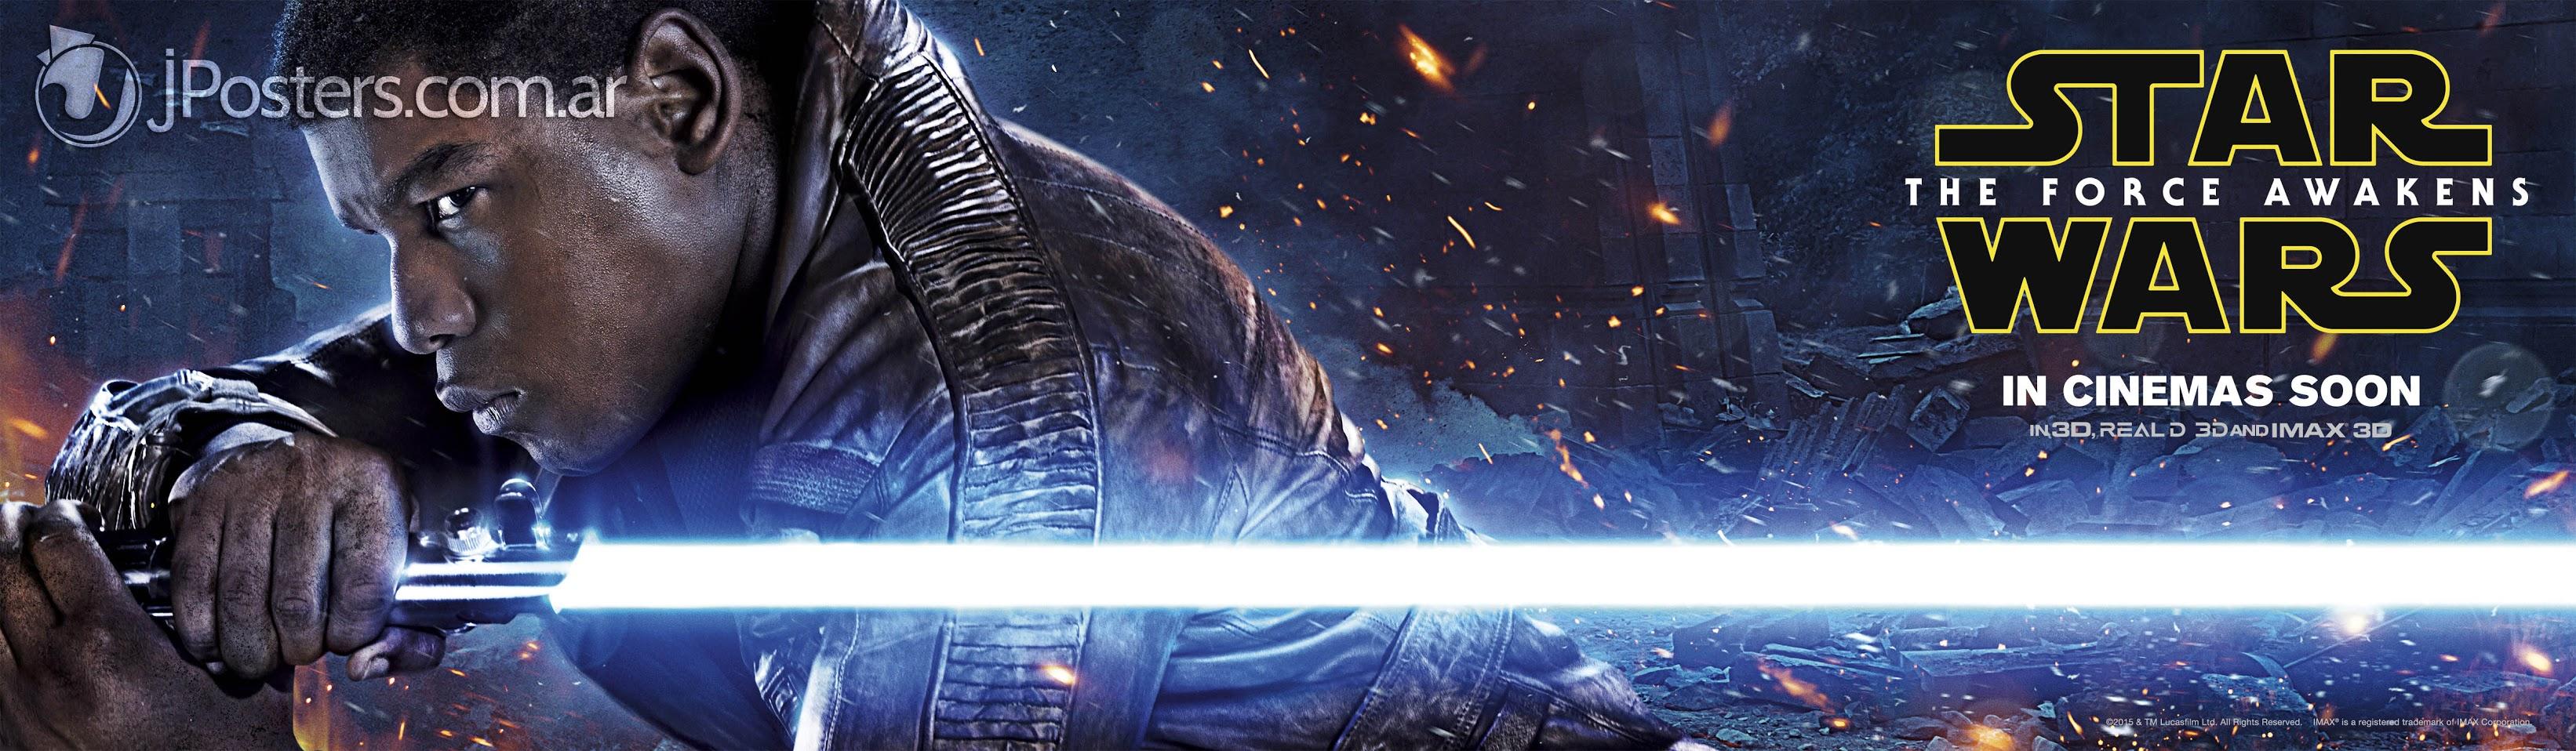 [Lucasfilm] Star Wars : Le Réveil de la Force (2015) - Page 6 Bannierefinn2